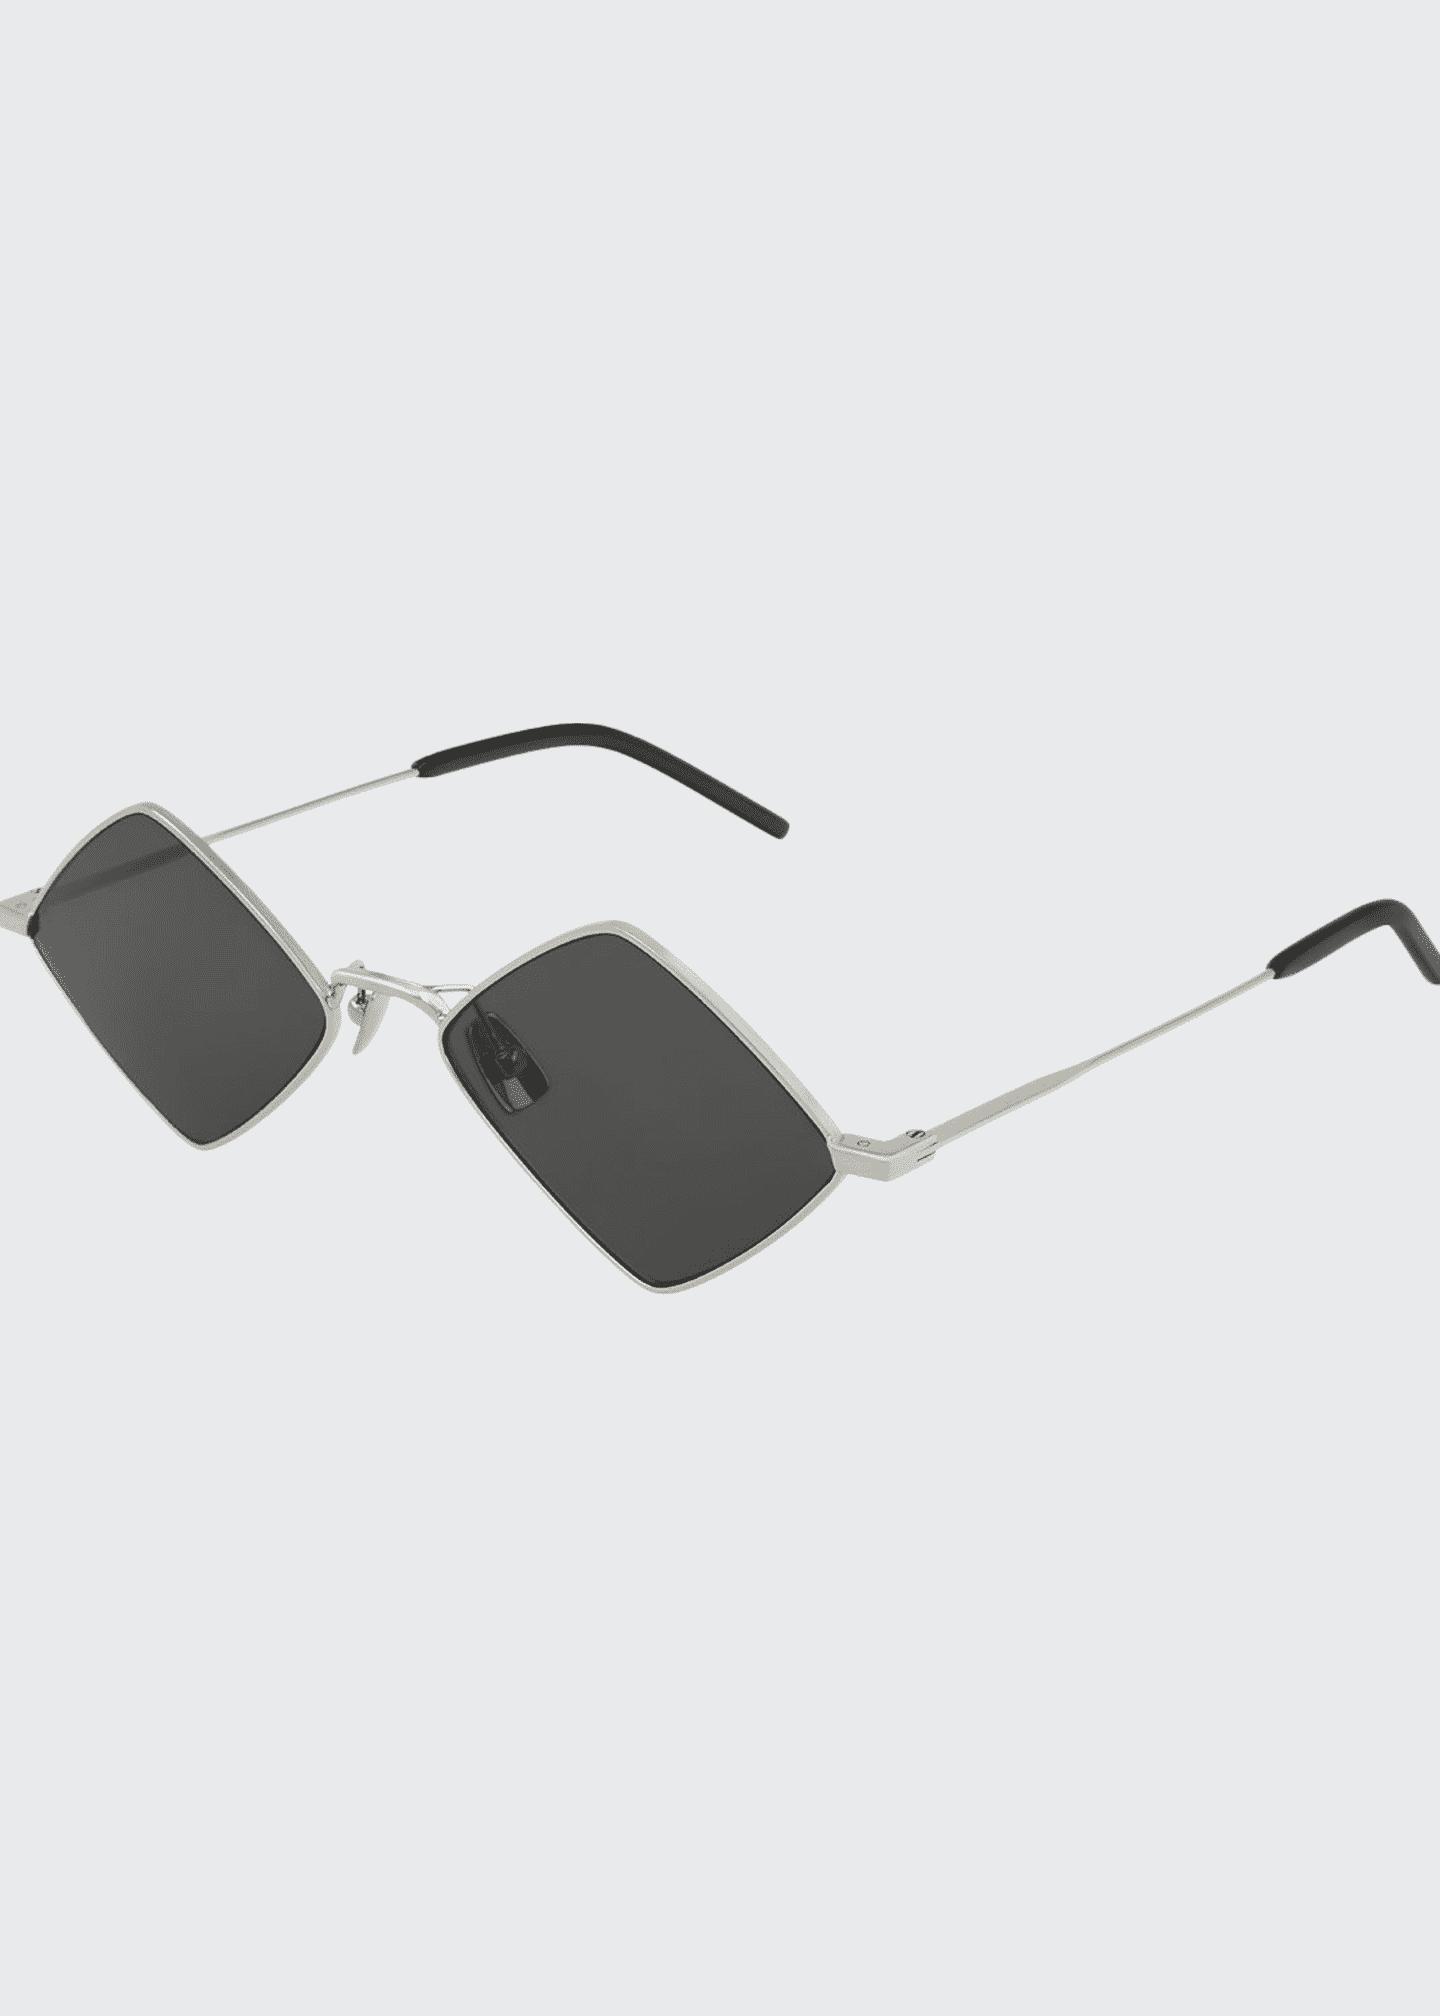 Saint Laurent Diamond Shaped Metal Sunglasses